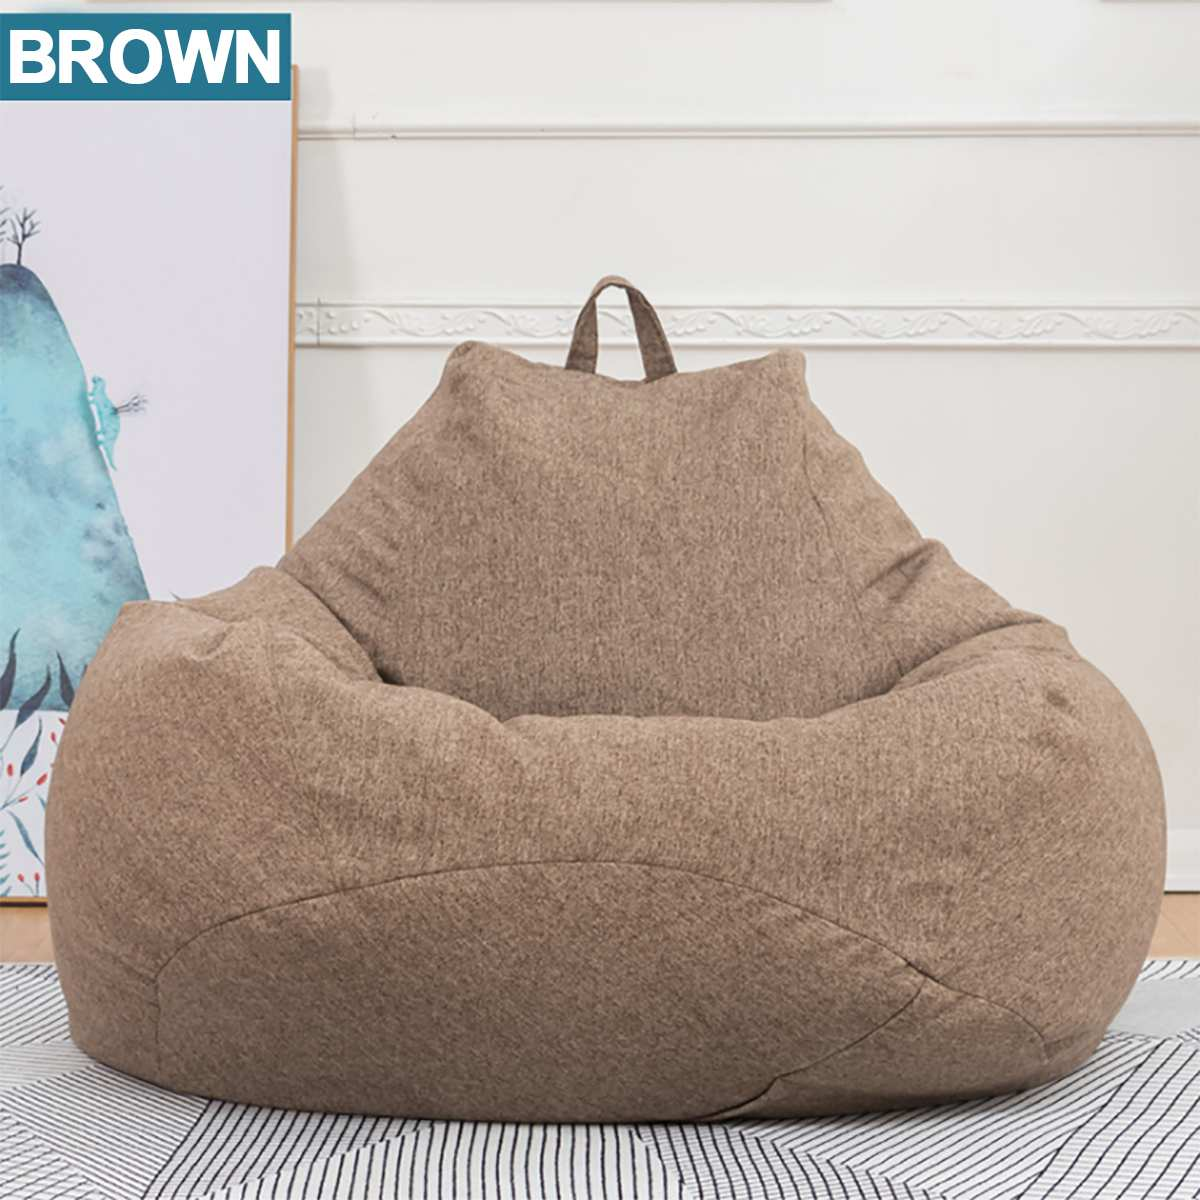 Brown M